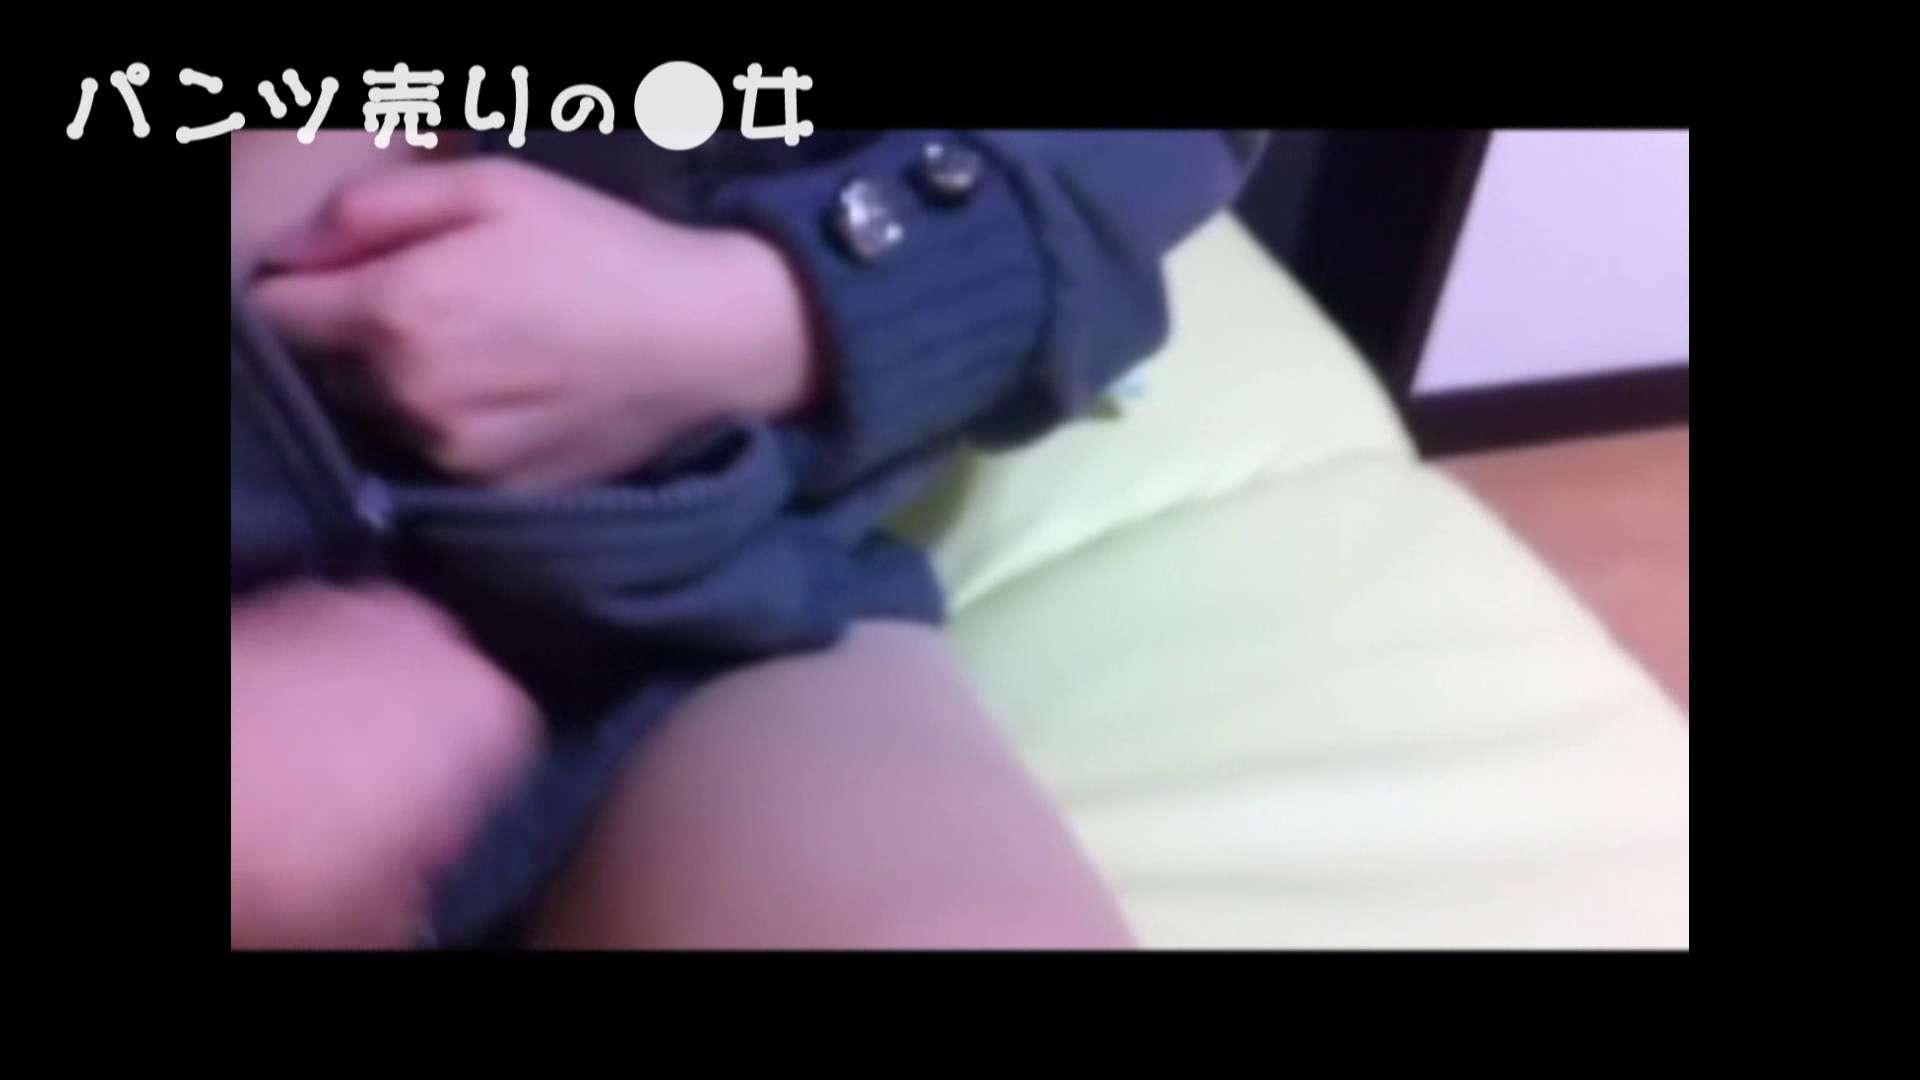 新説 パンツ売りの女の子nana05 一般投稿  76pic 4